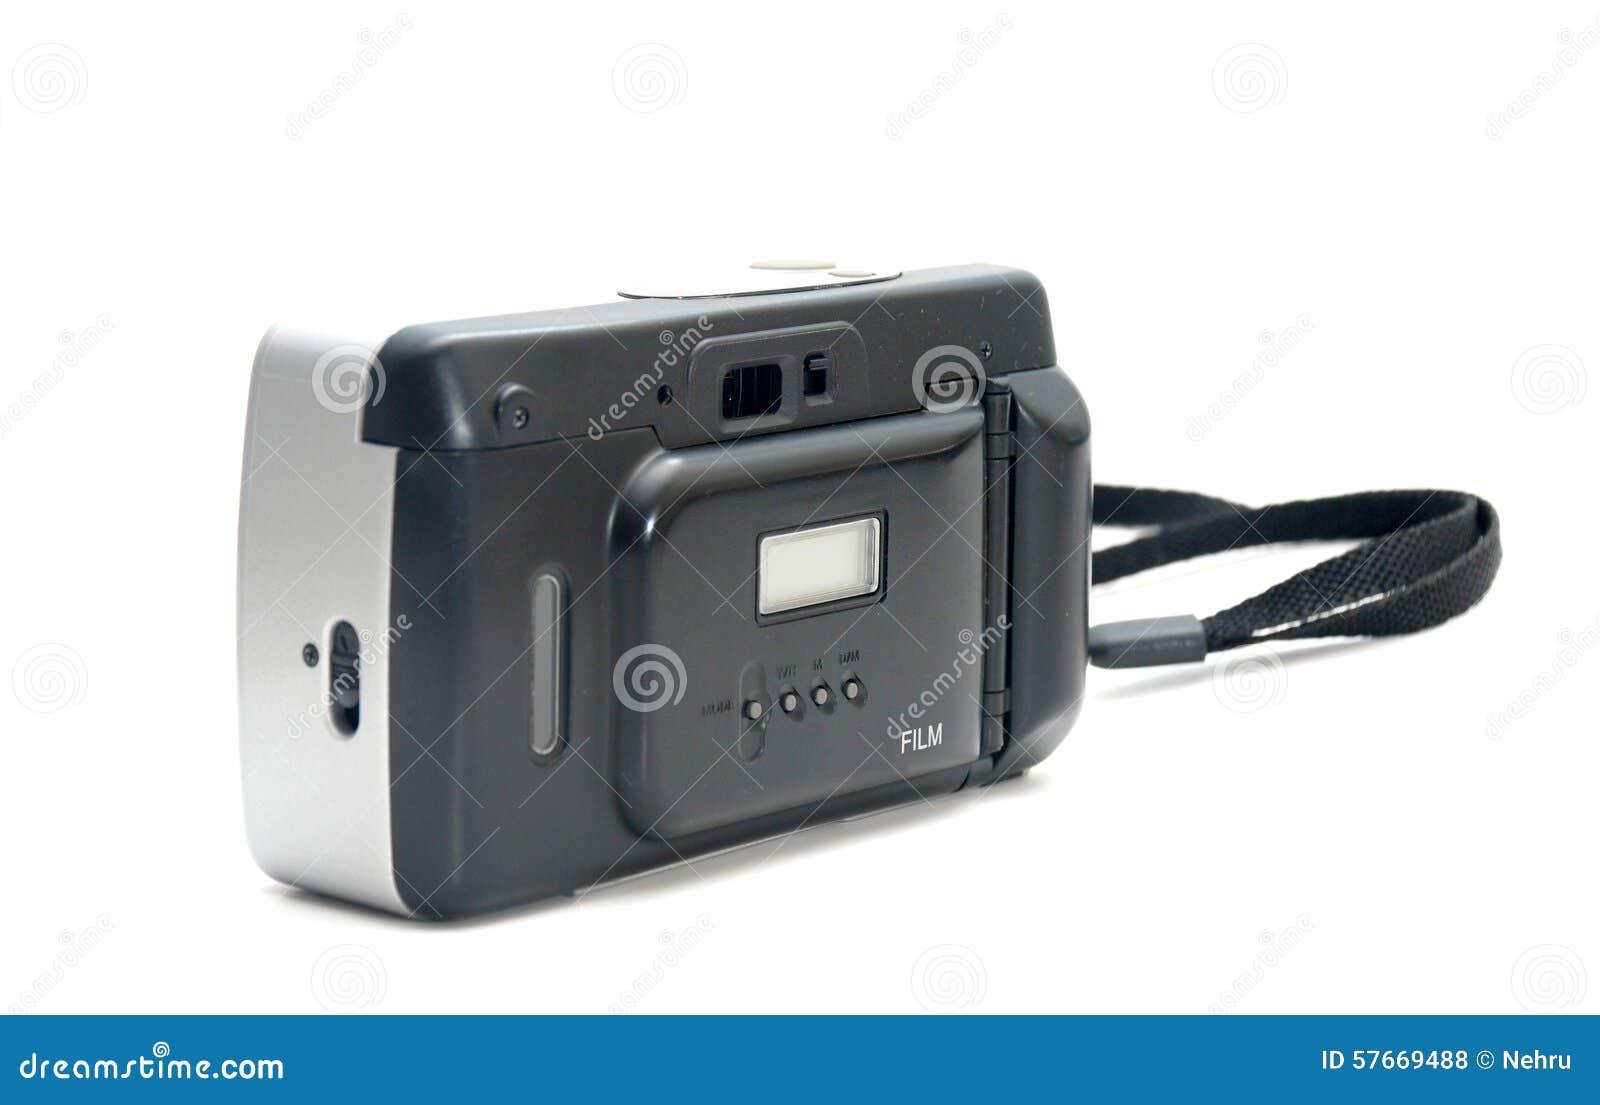 Aparaty fotograficzne slr roczne